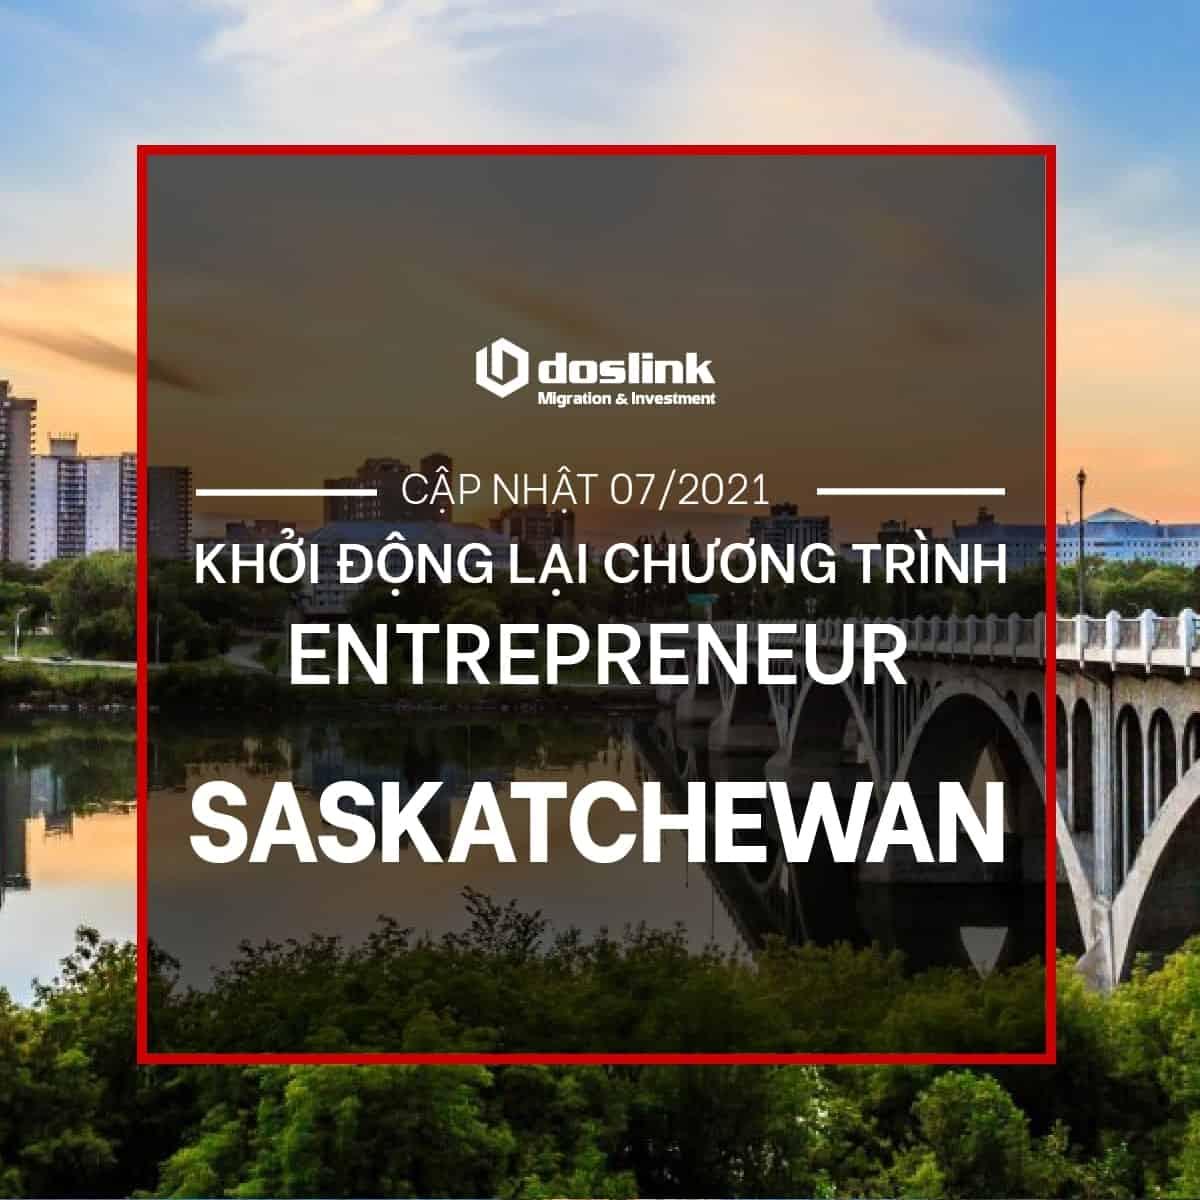 Saskatchewan Khởi Động Lại Chương Trình Entrepreneur